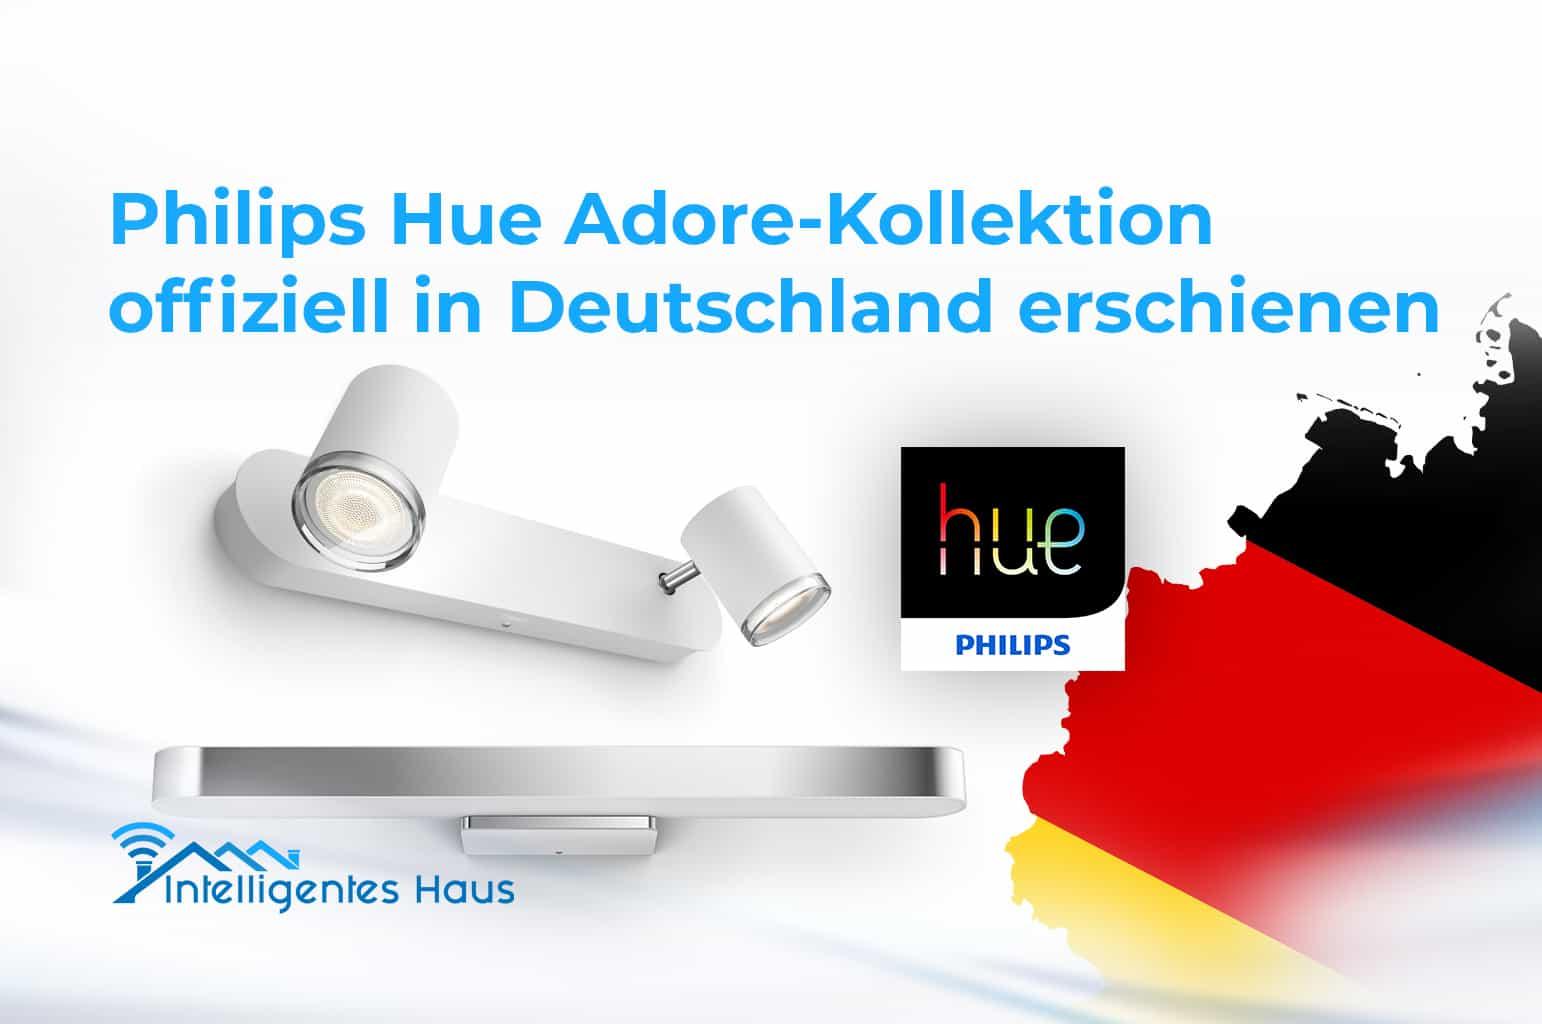 neue philips hue adore kollektion f rs badezimmer ist in deutschland erschienen. Black Bedroom Furniture Sets. Home Design Ideas